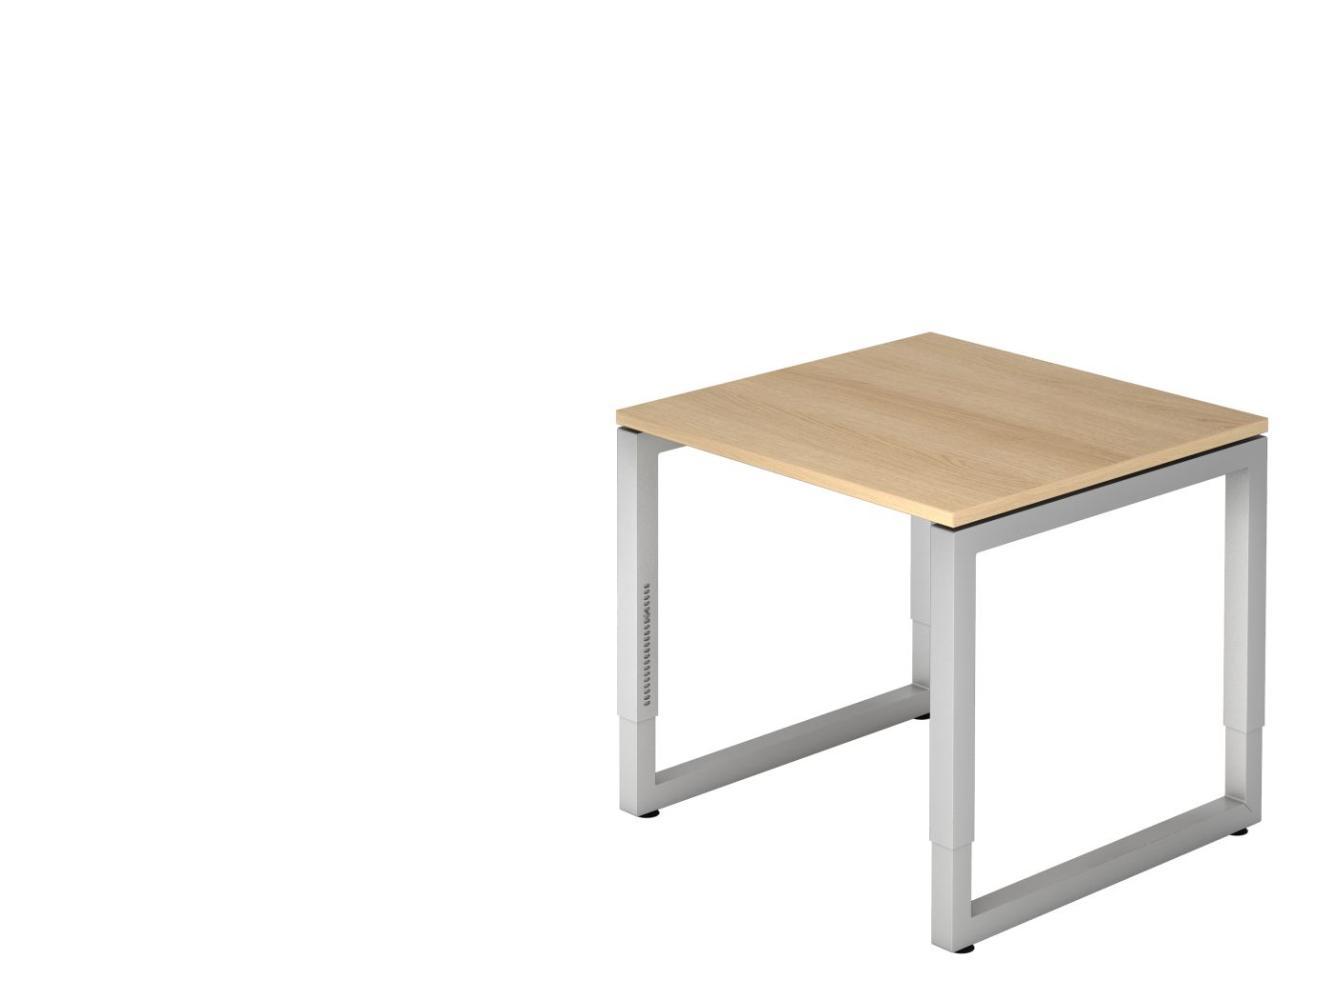 Schreibtisch RS08 O-Fuß eckig 80x80cm Eiche Gestellfarbe: Silber Bild 1